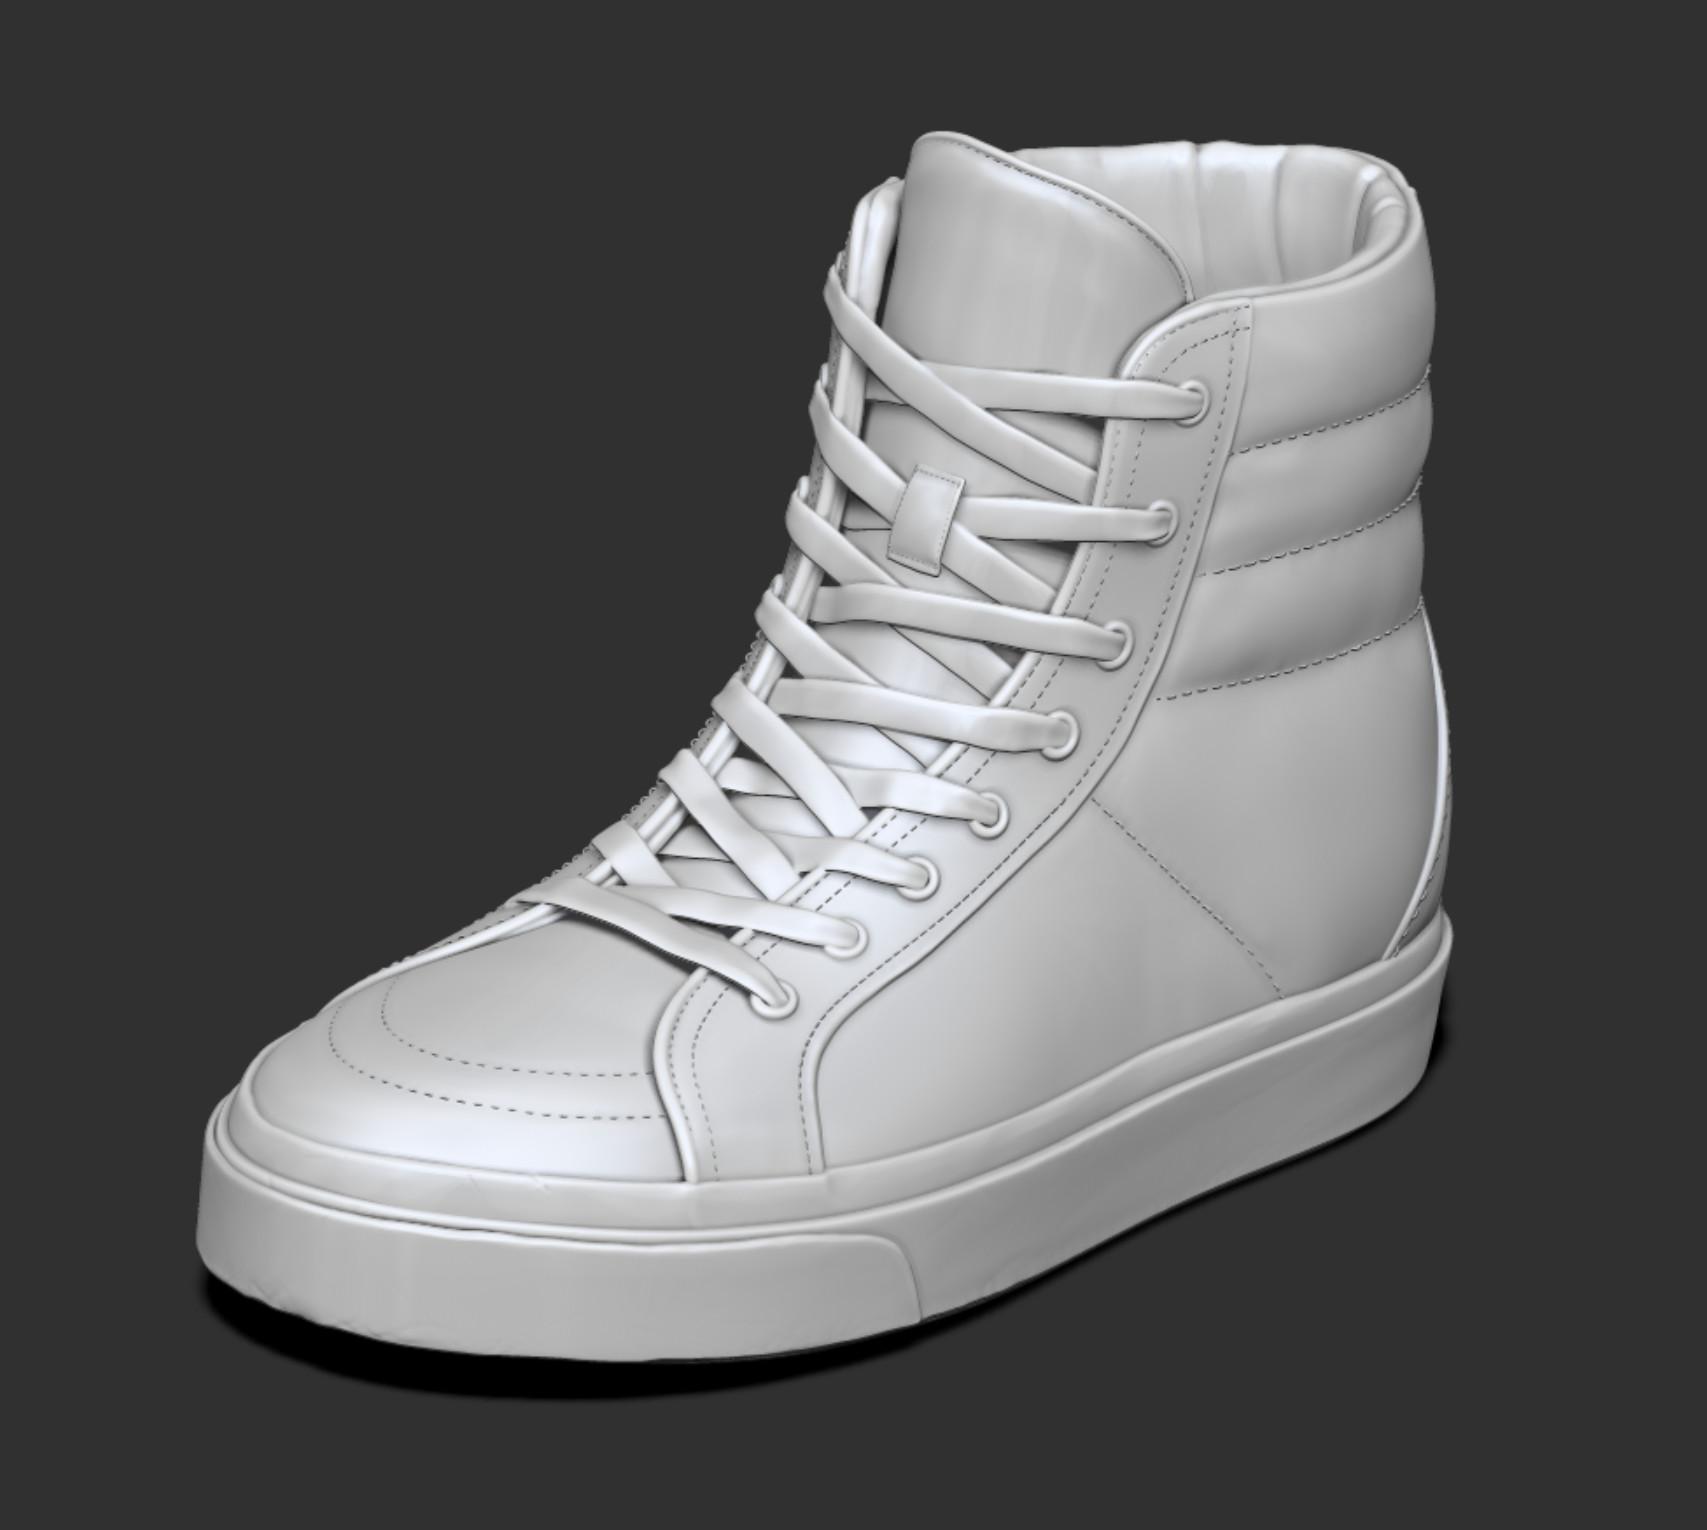 Liz edwards shoes 01